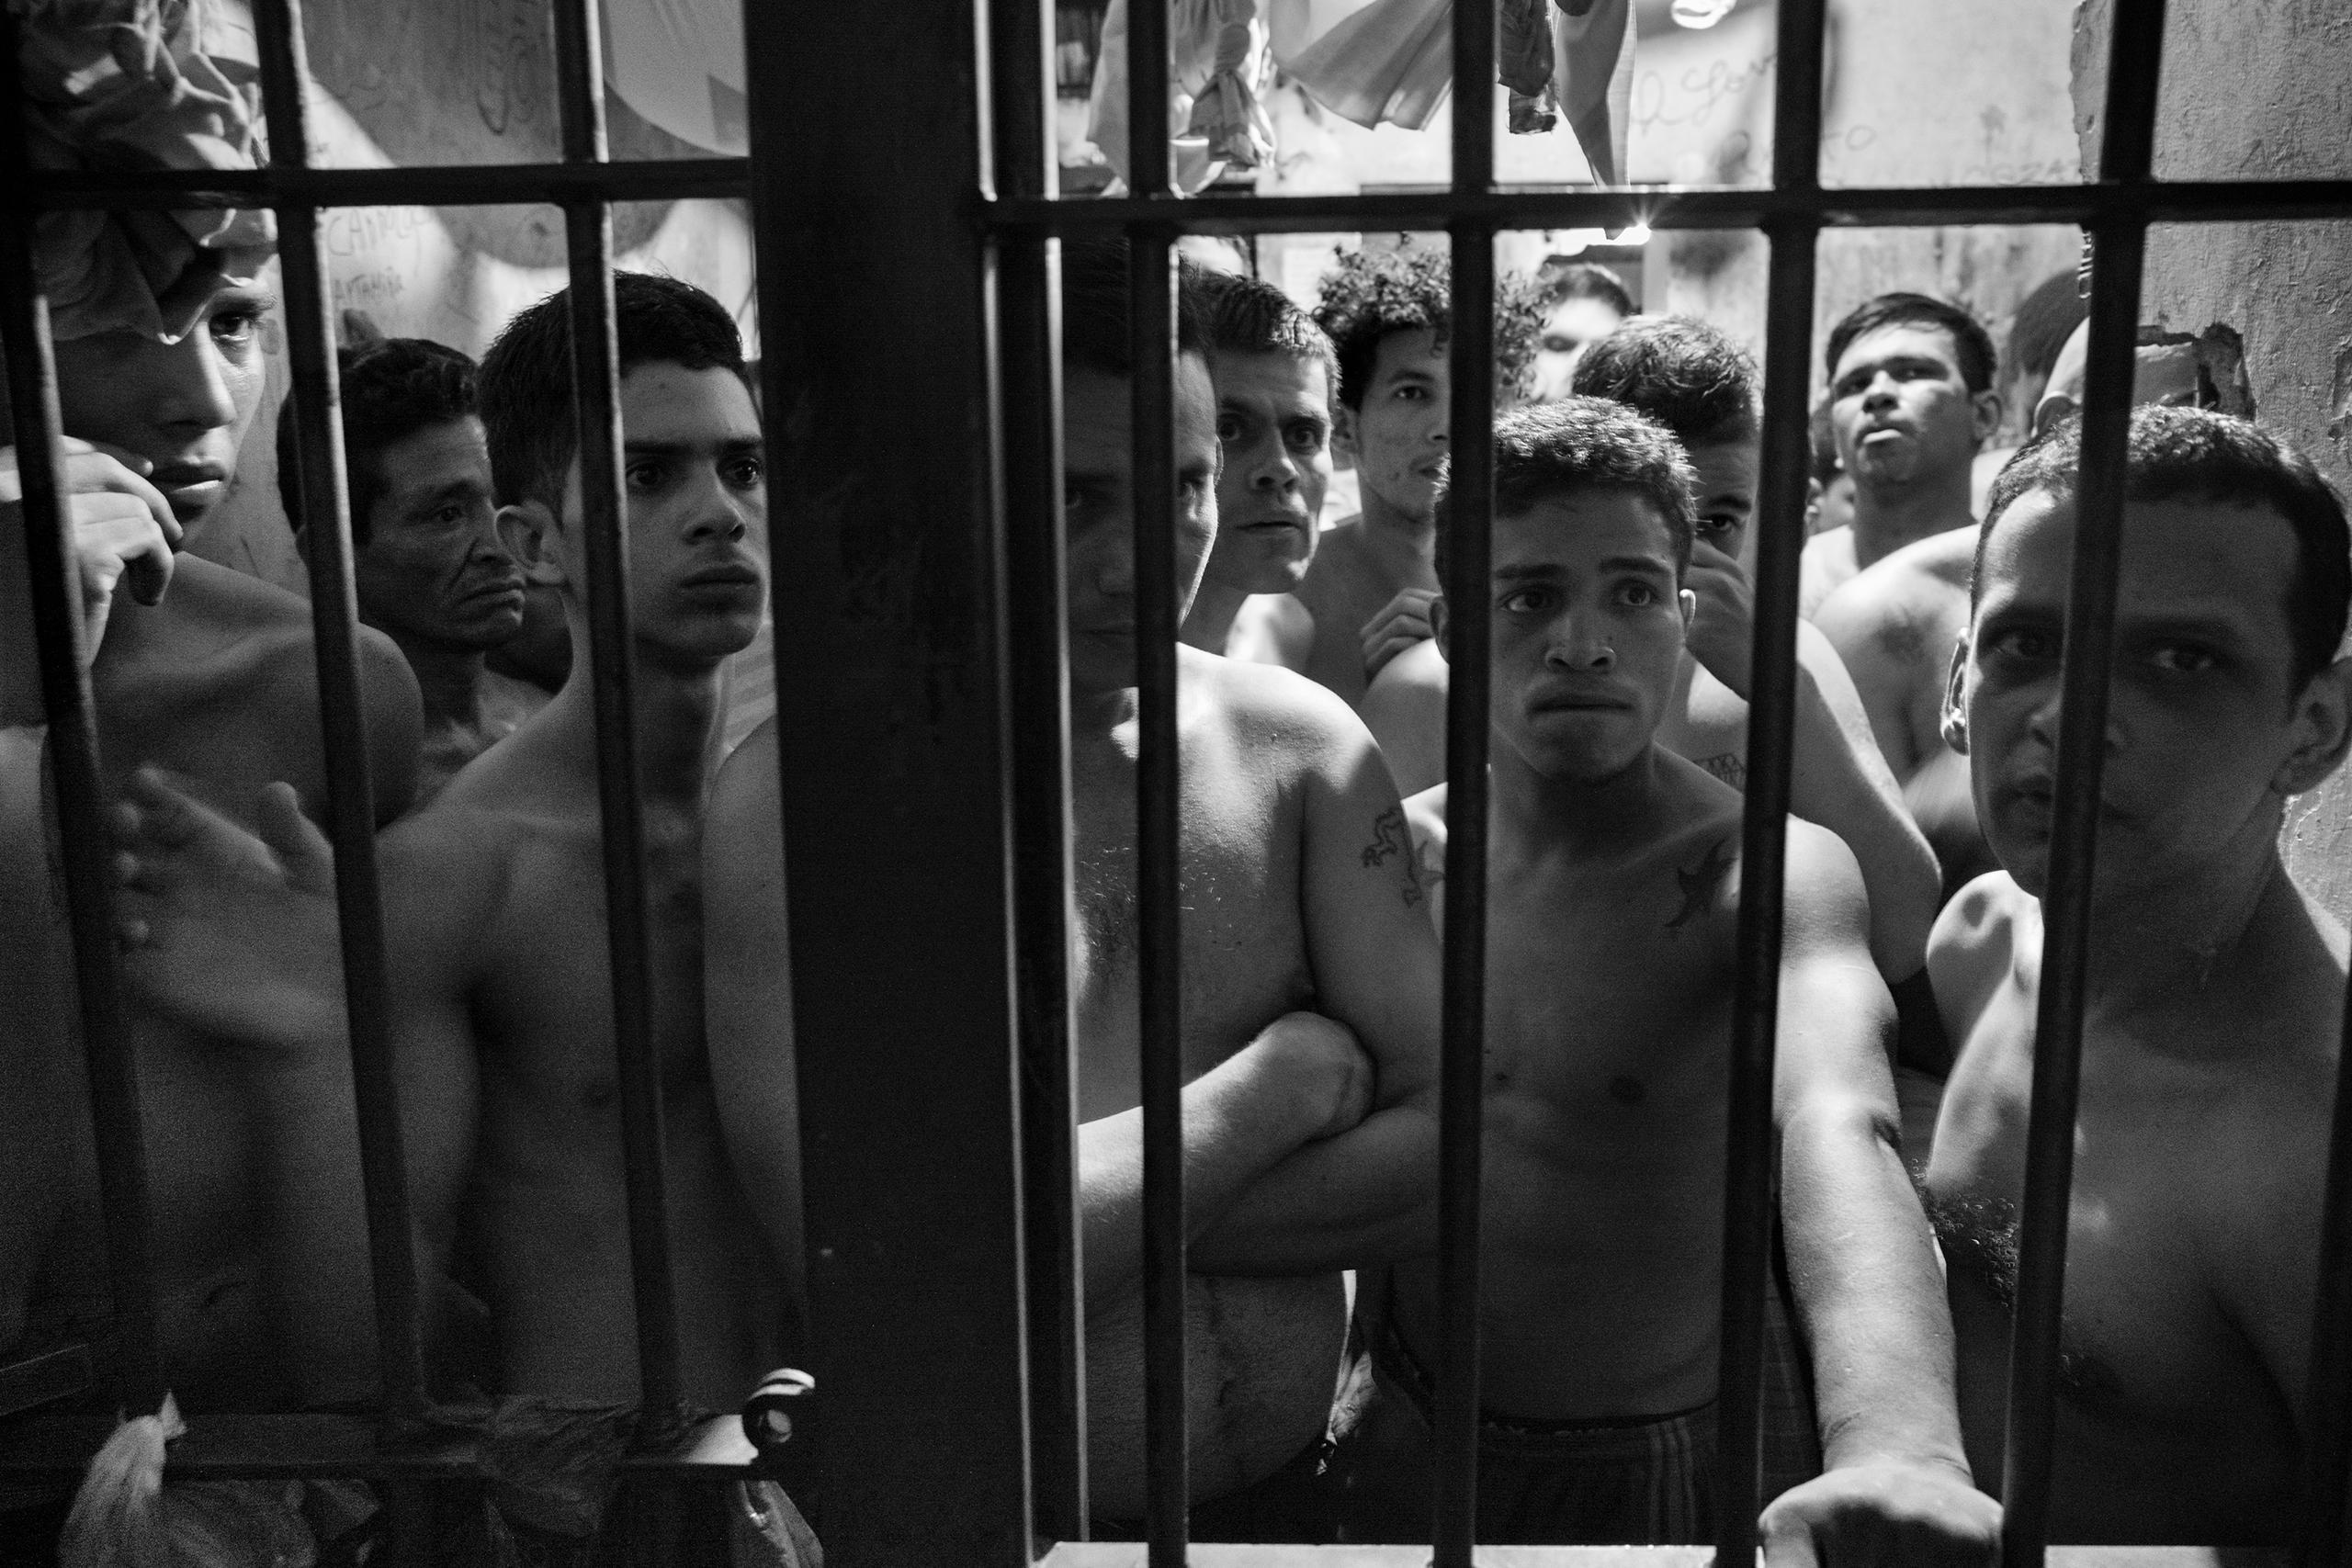 есть главное осмотр заключенных мужчин в тюрьме видео немного